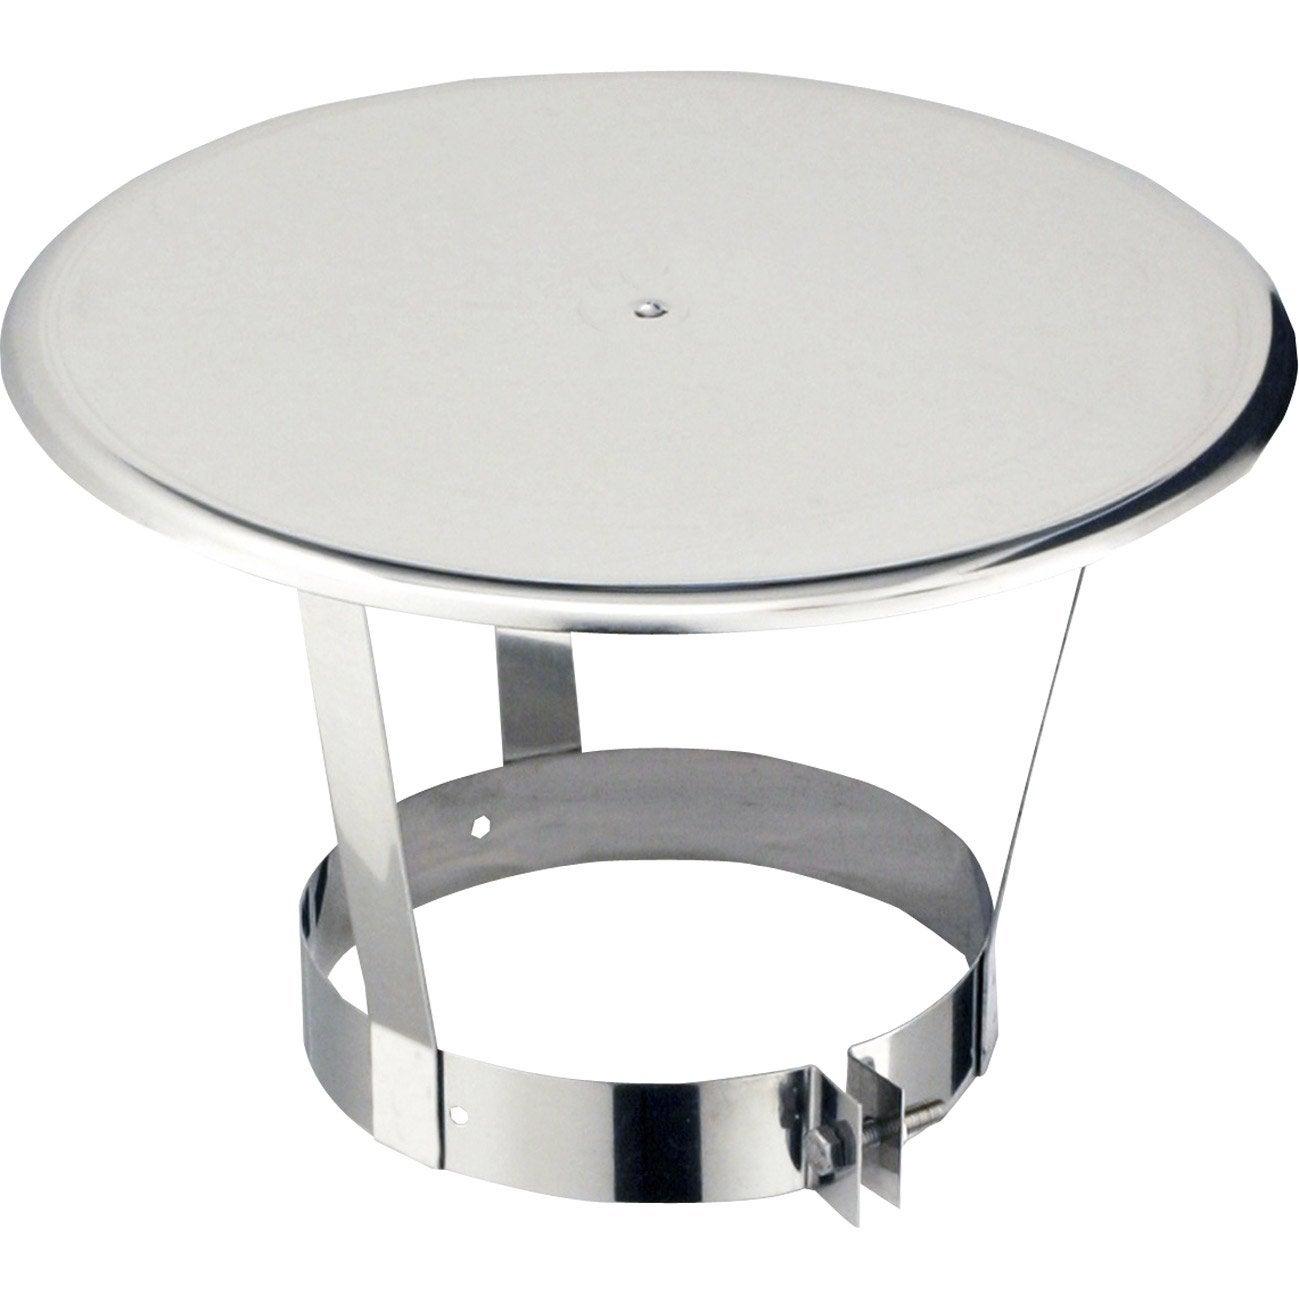 chapeau pare pluie simple poujoulat 200 mm leroy merlin. Black Bedroom Furniture Sets. Home Design Ideas